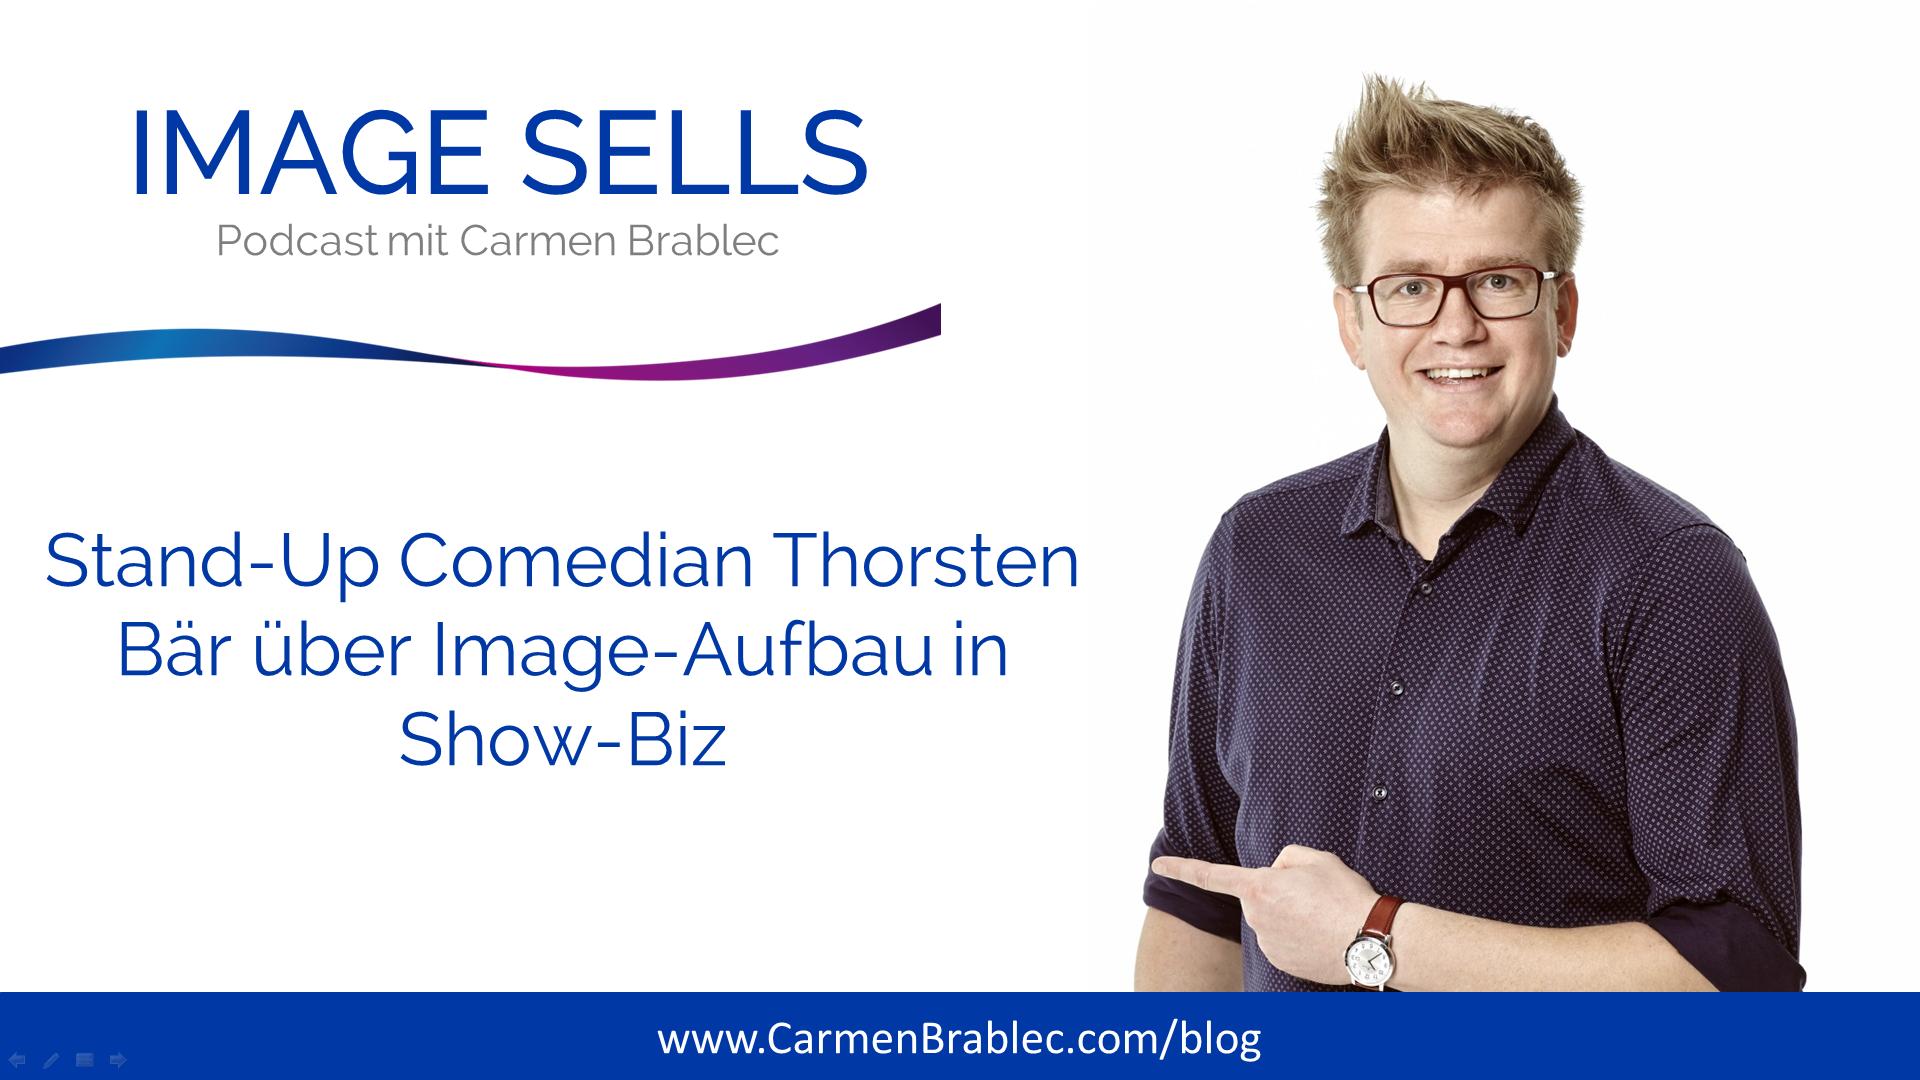 Stand-Up Comedian Thorsten Bär über Image-Aufbau – ISP #014